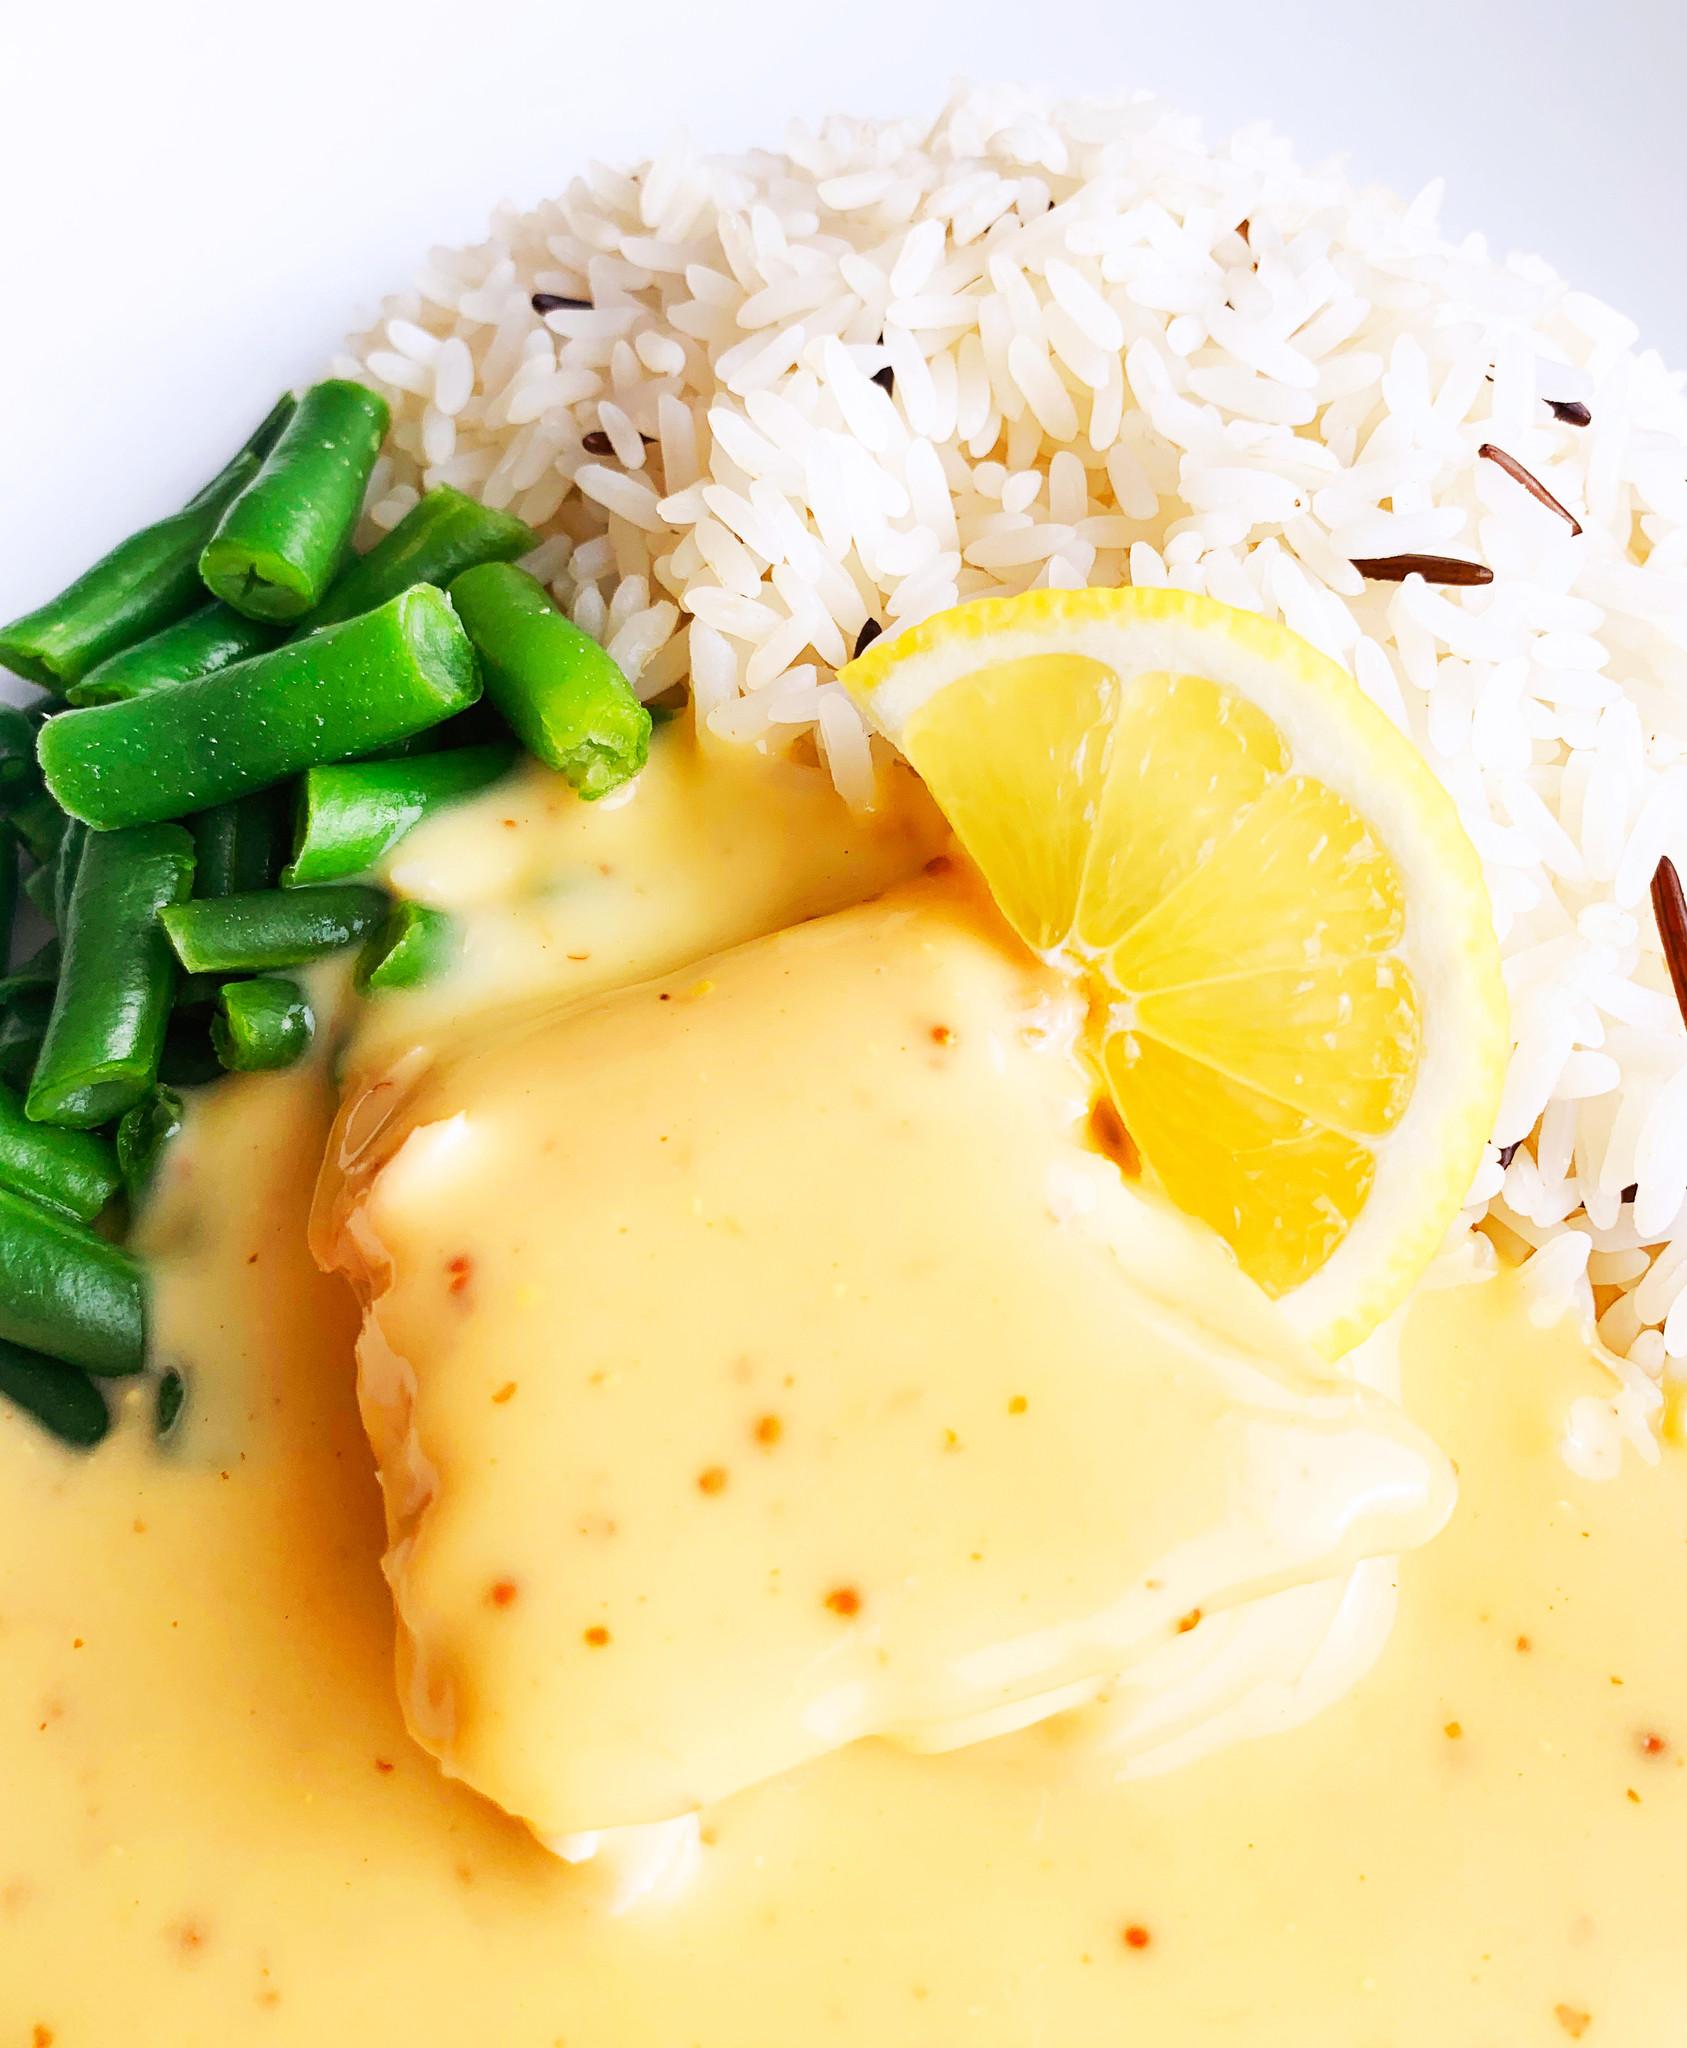 Saumon dijon & érable, haricots verts & riz sauvage (325g)